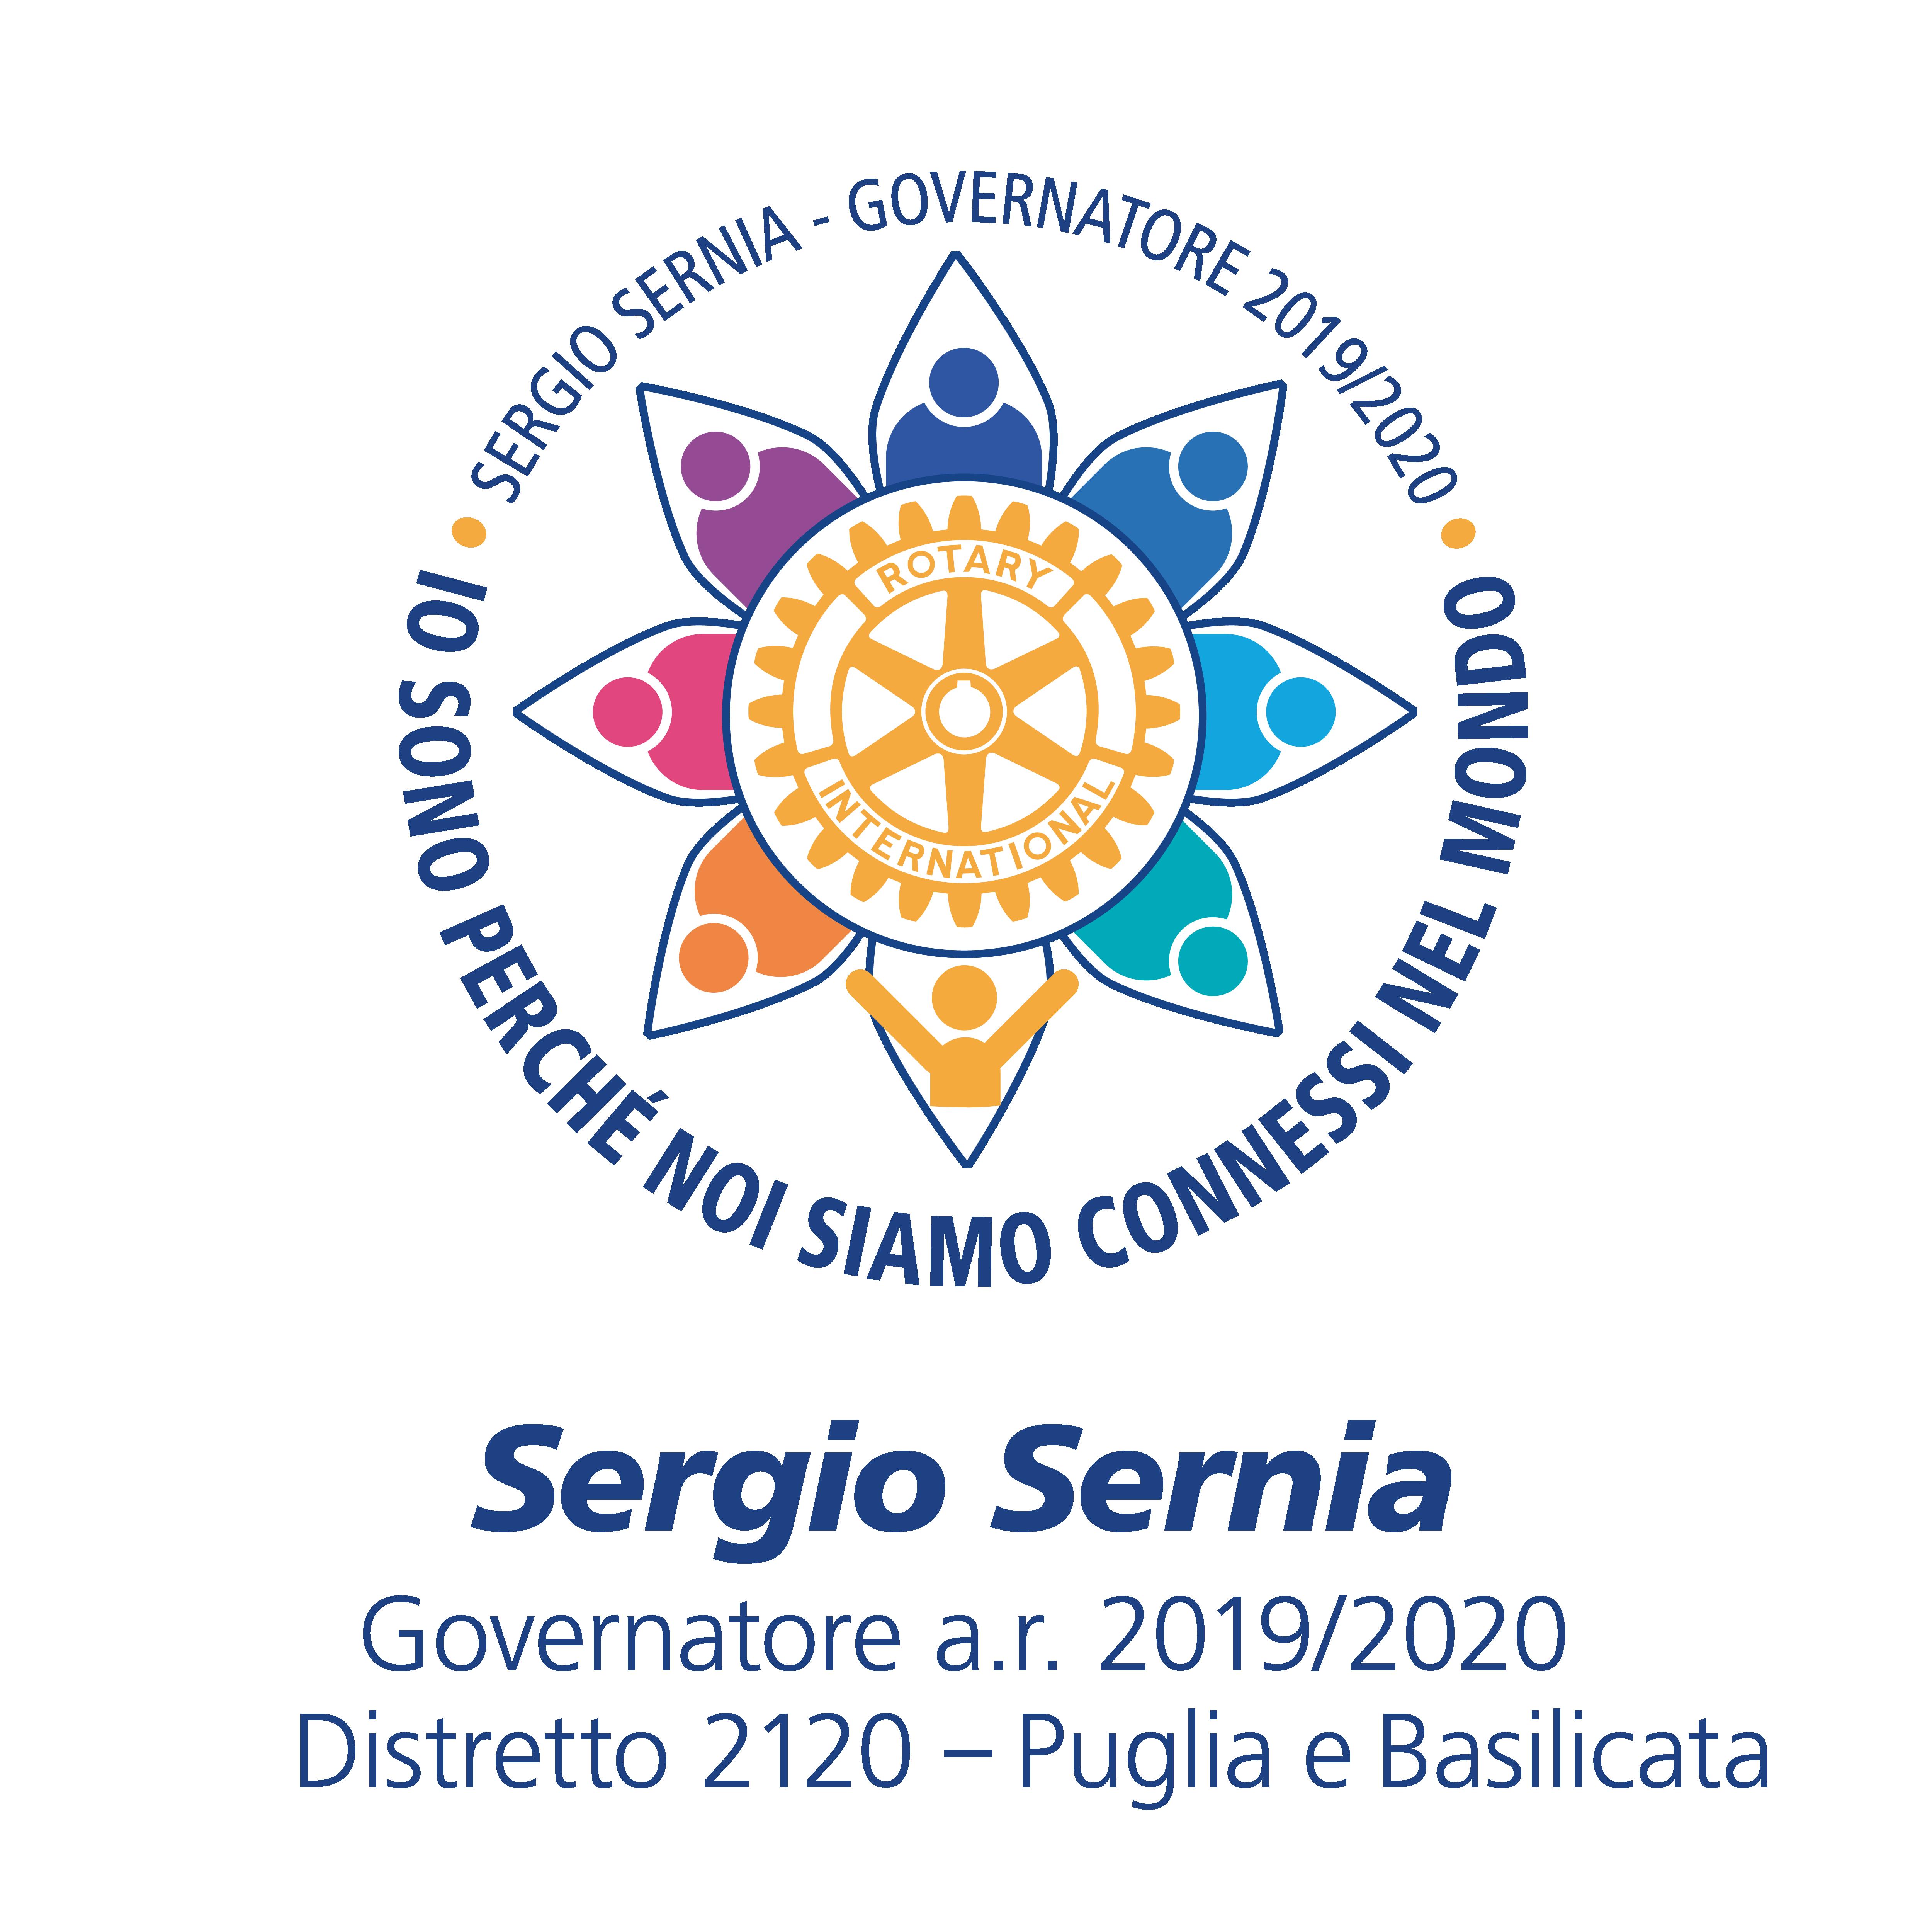 logo-sergio-sernia_tavola-disegno-1-copia